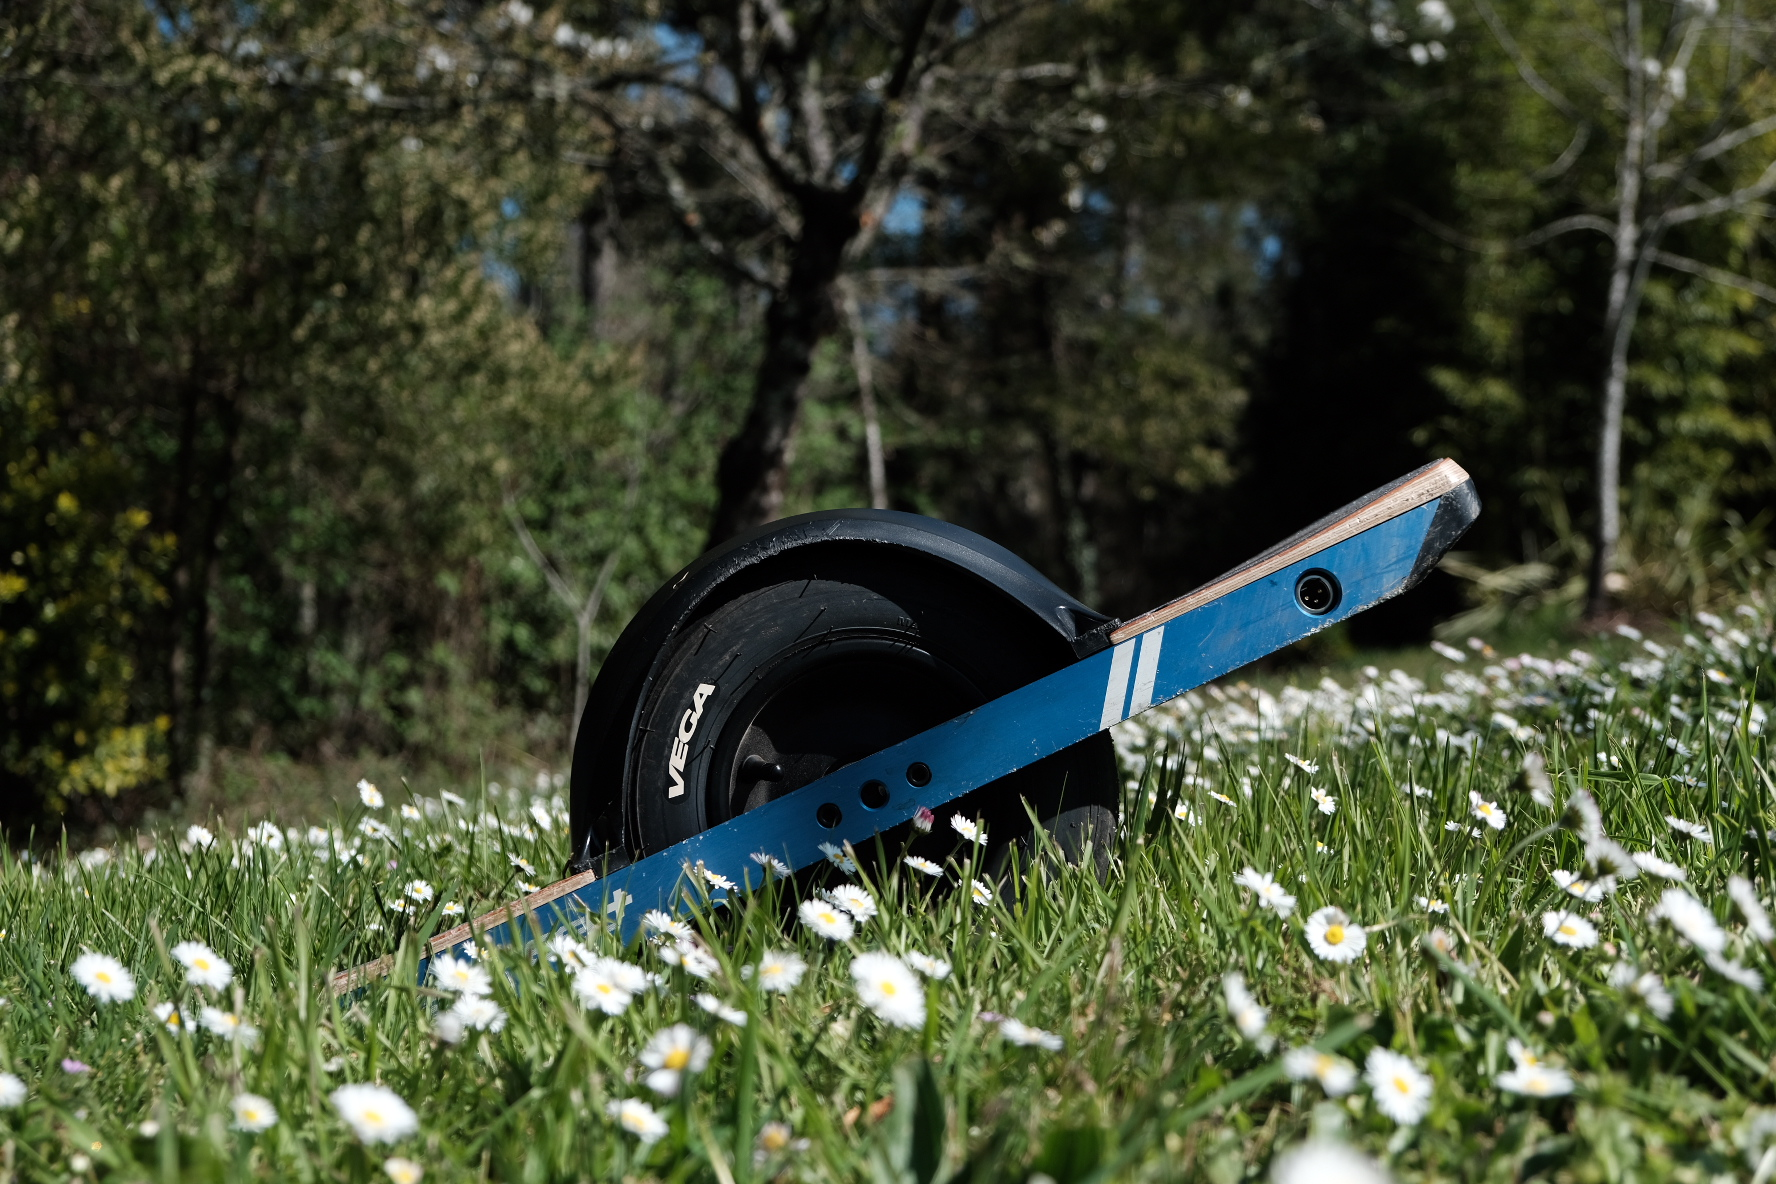 Onewheel 4